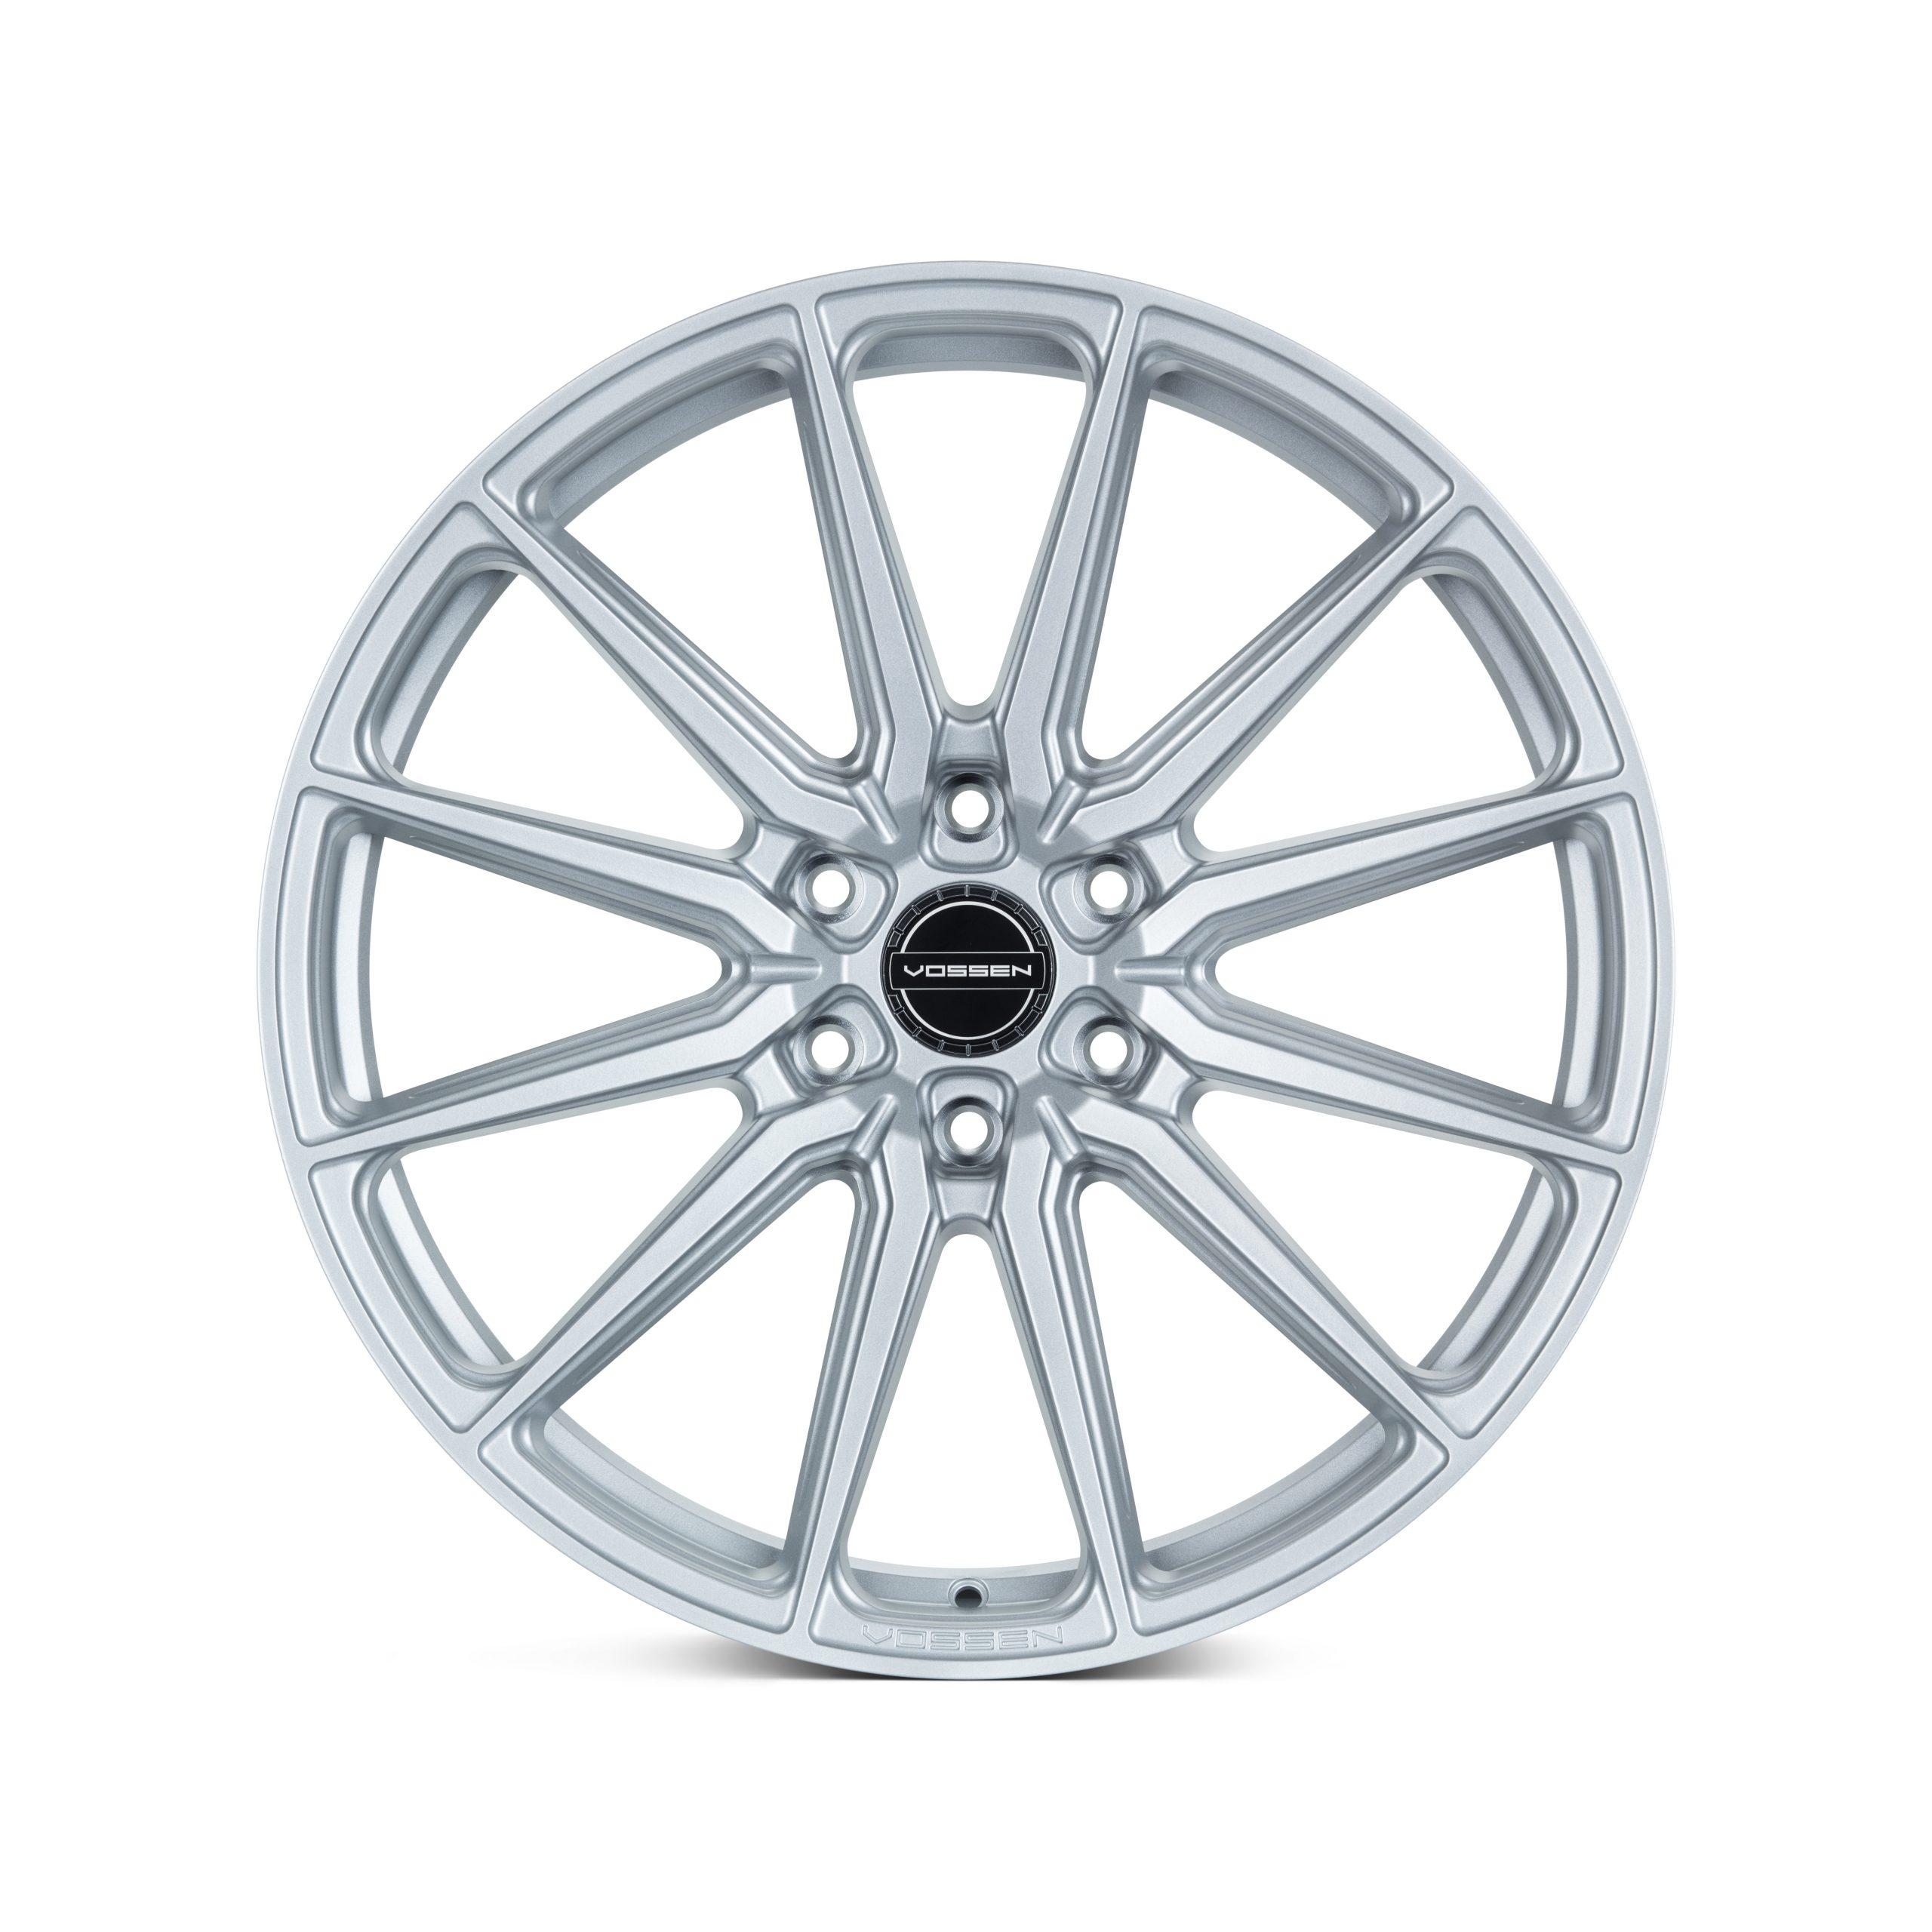 Vossen Wheels VF6-1